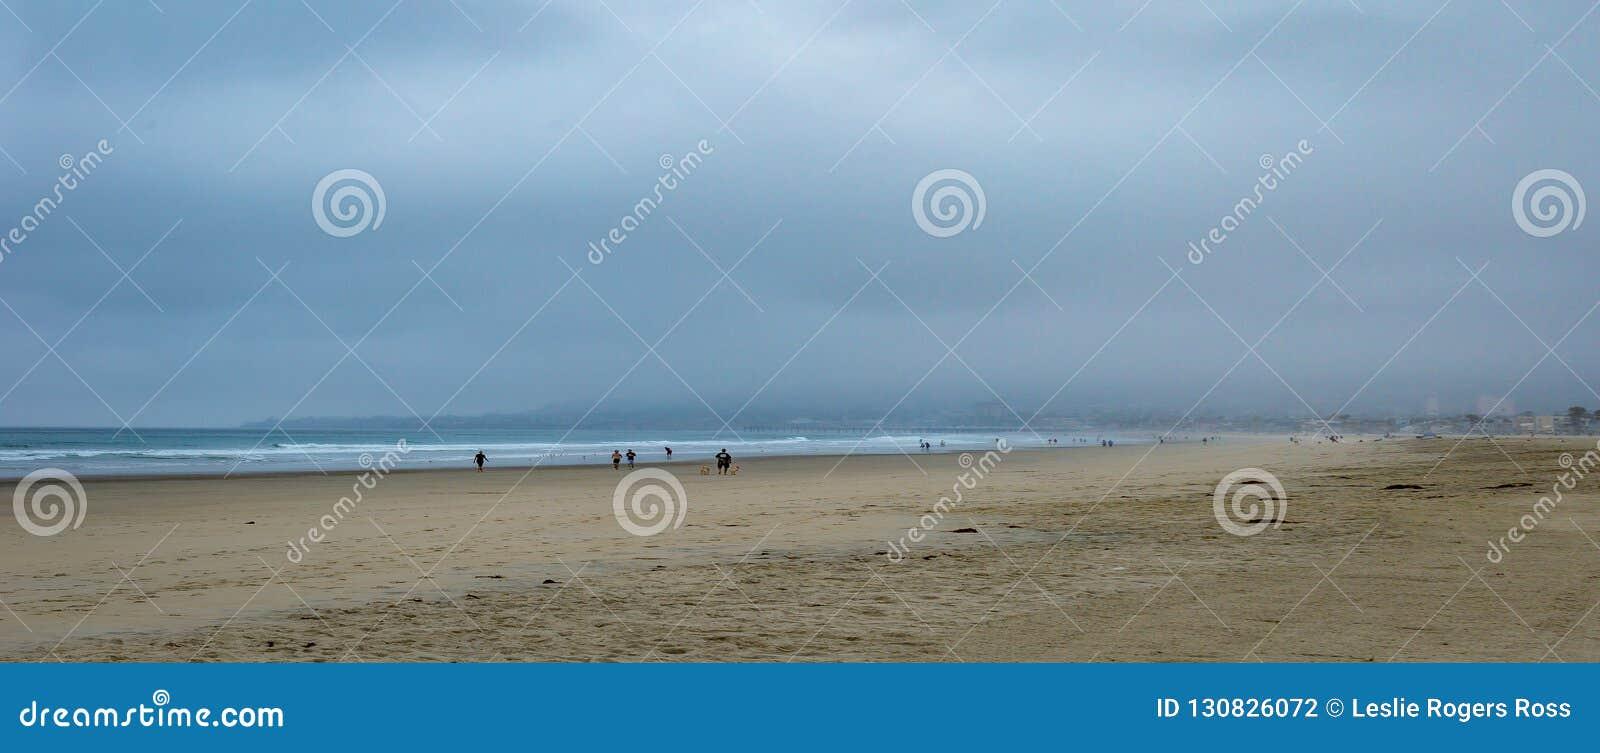 Ottamist på stranden